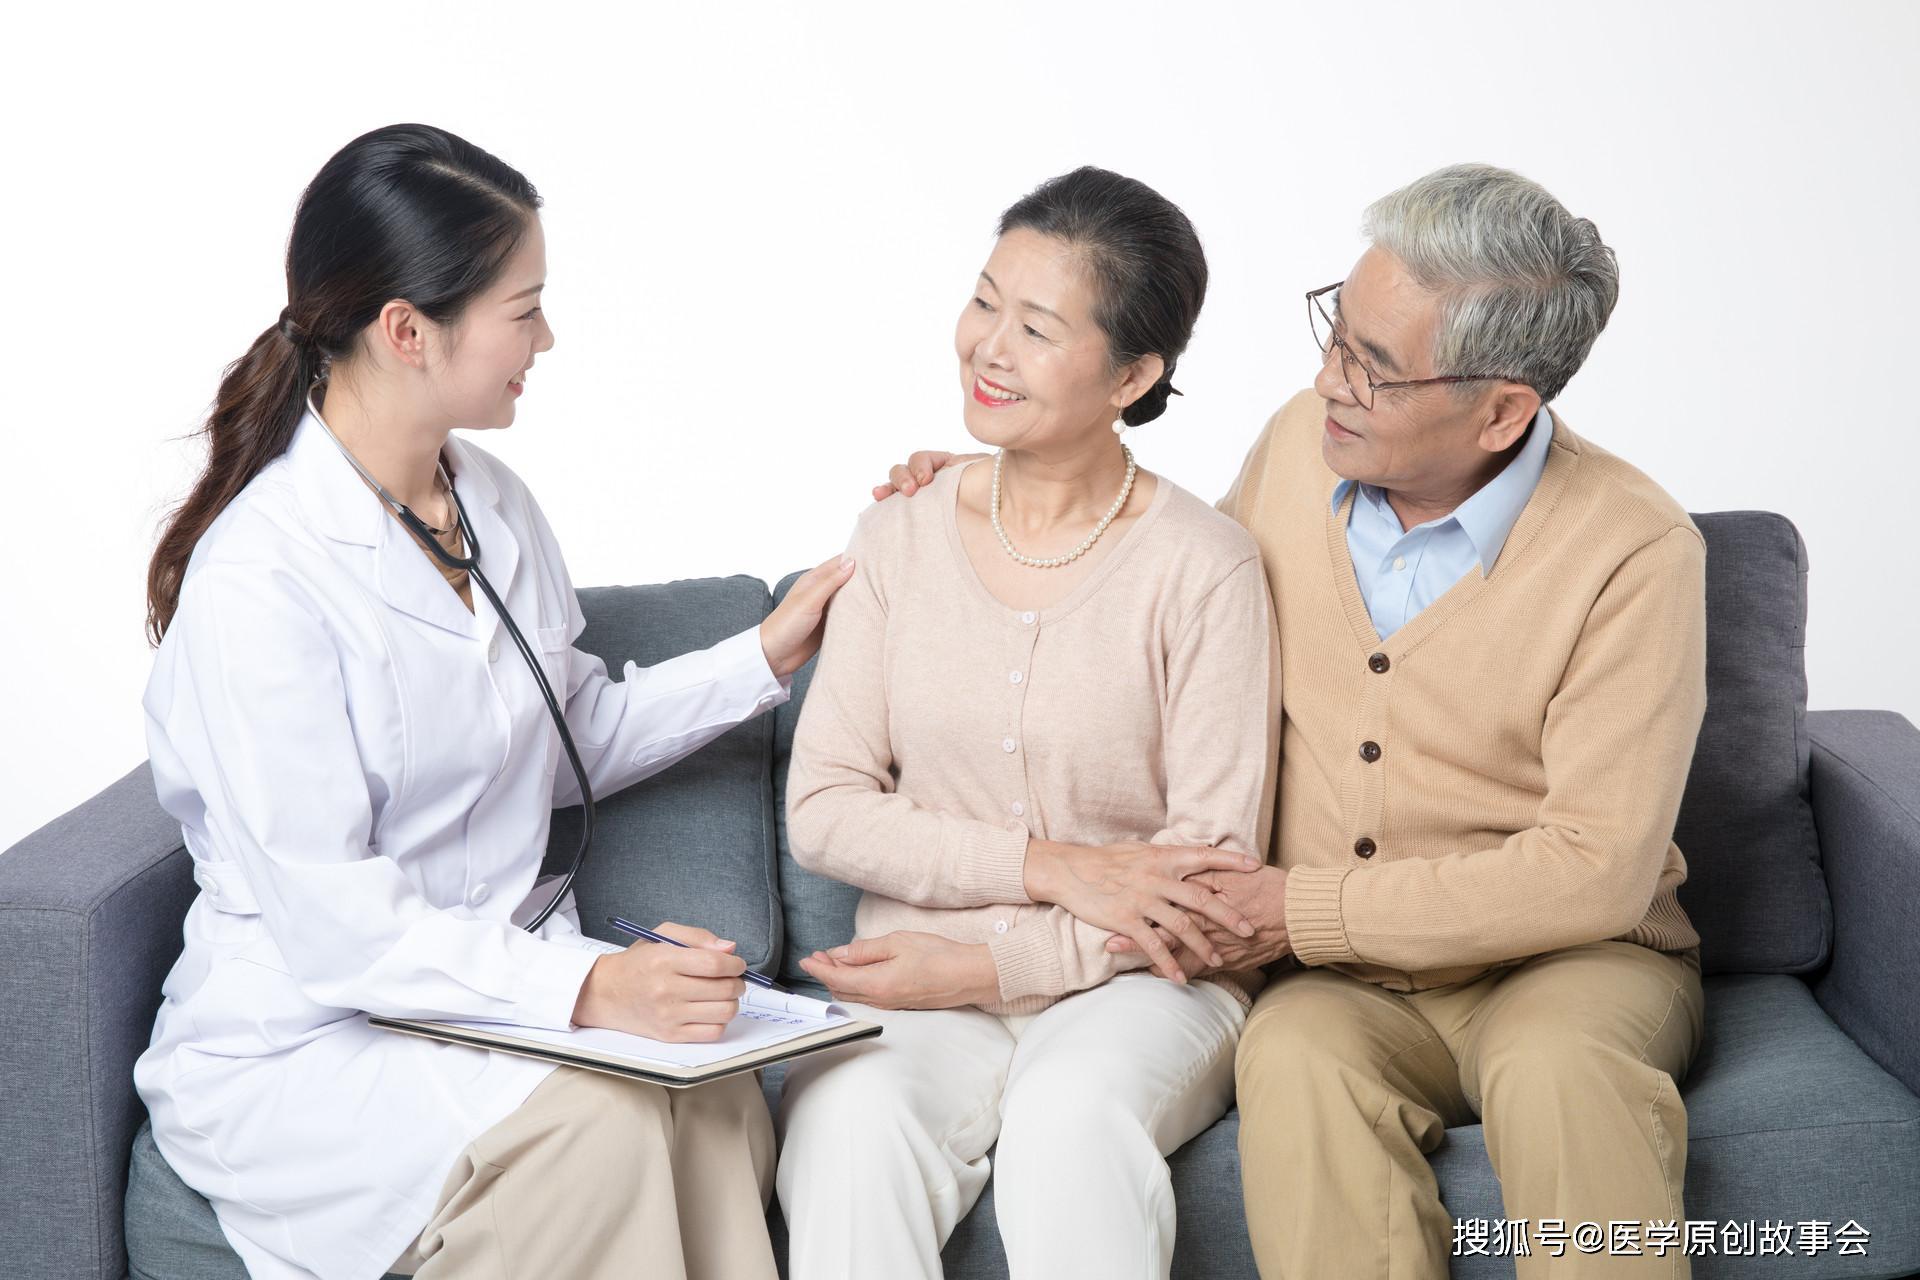 肺癌一查就是晚期?其实身体早早给了暗示,只是大多数人不了解